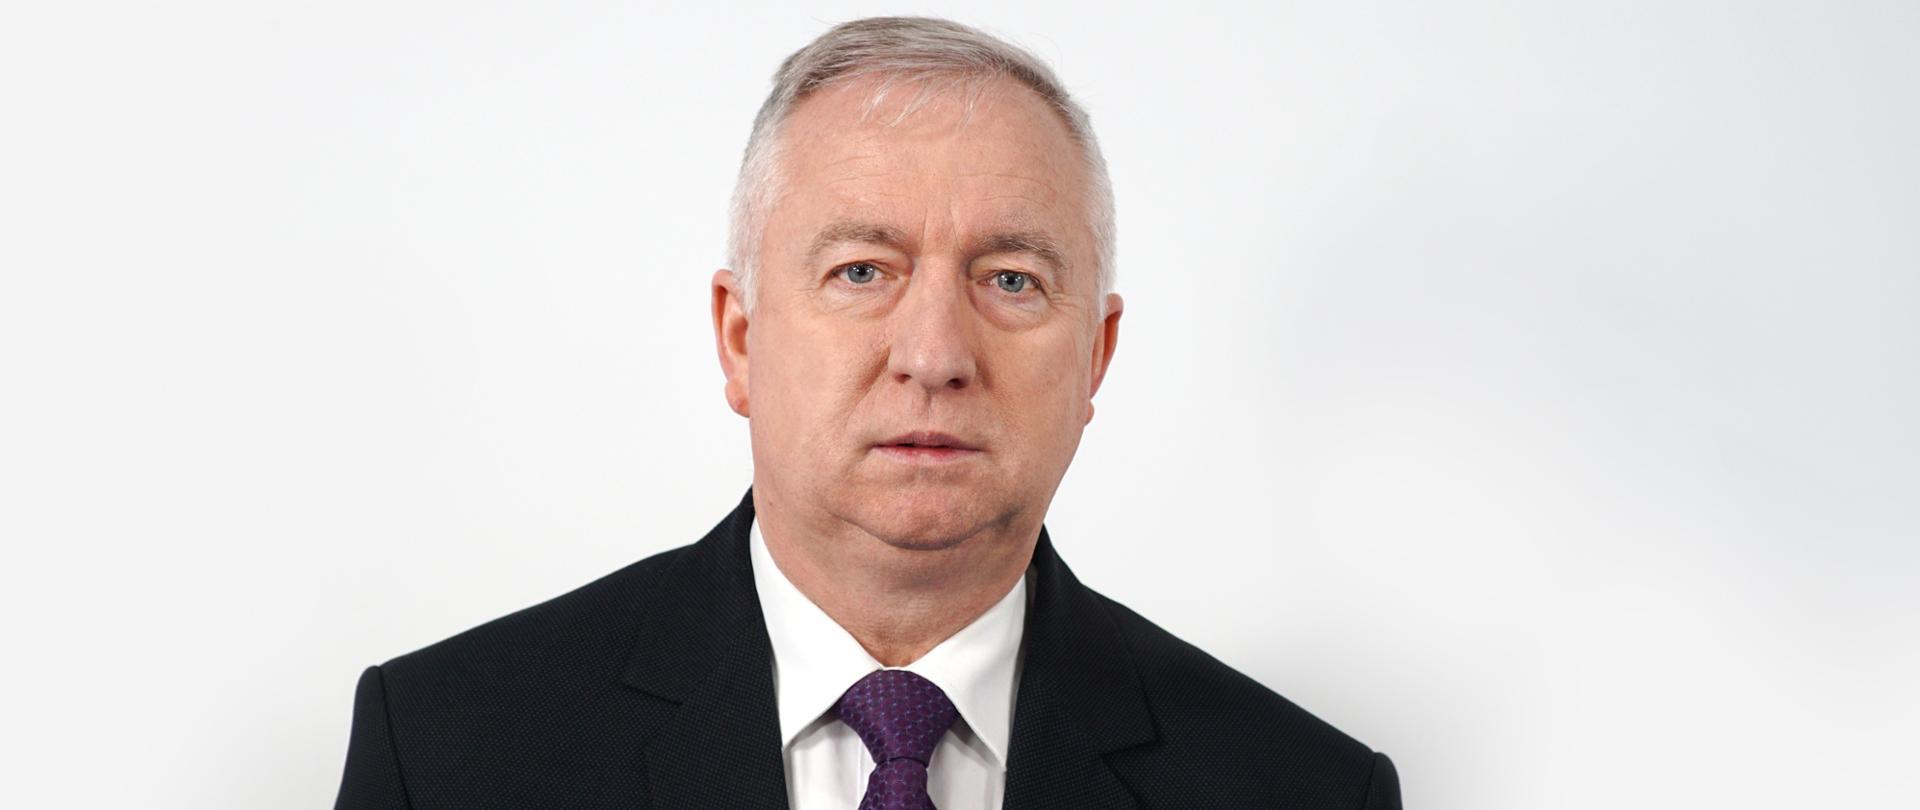 Podsekretarz_Ryszard Kamiński